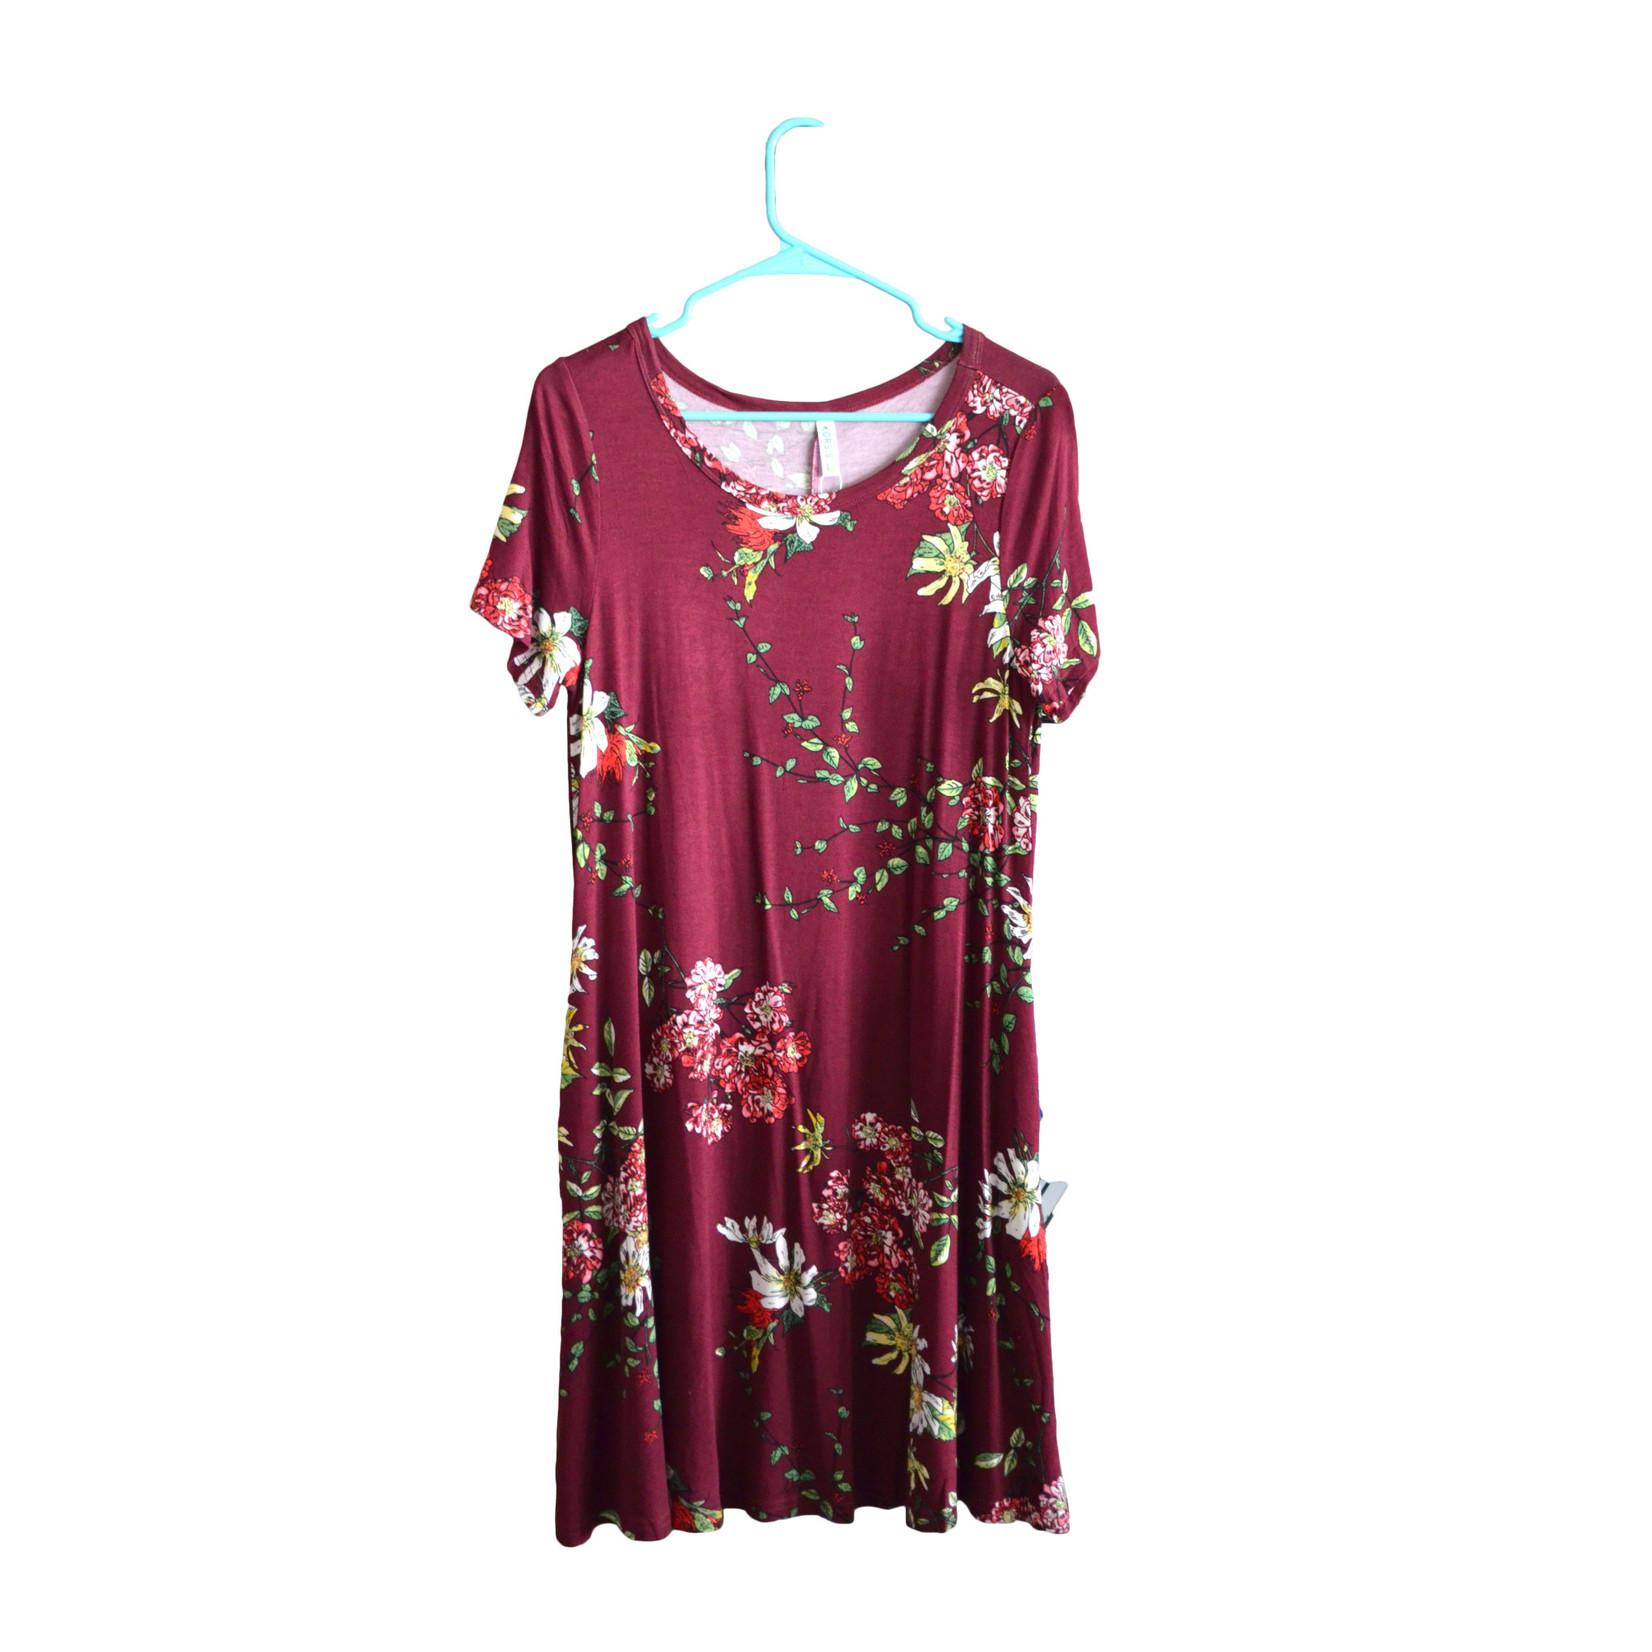 Korsis T-Shirt Dress - Large